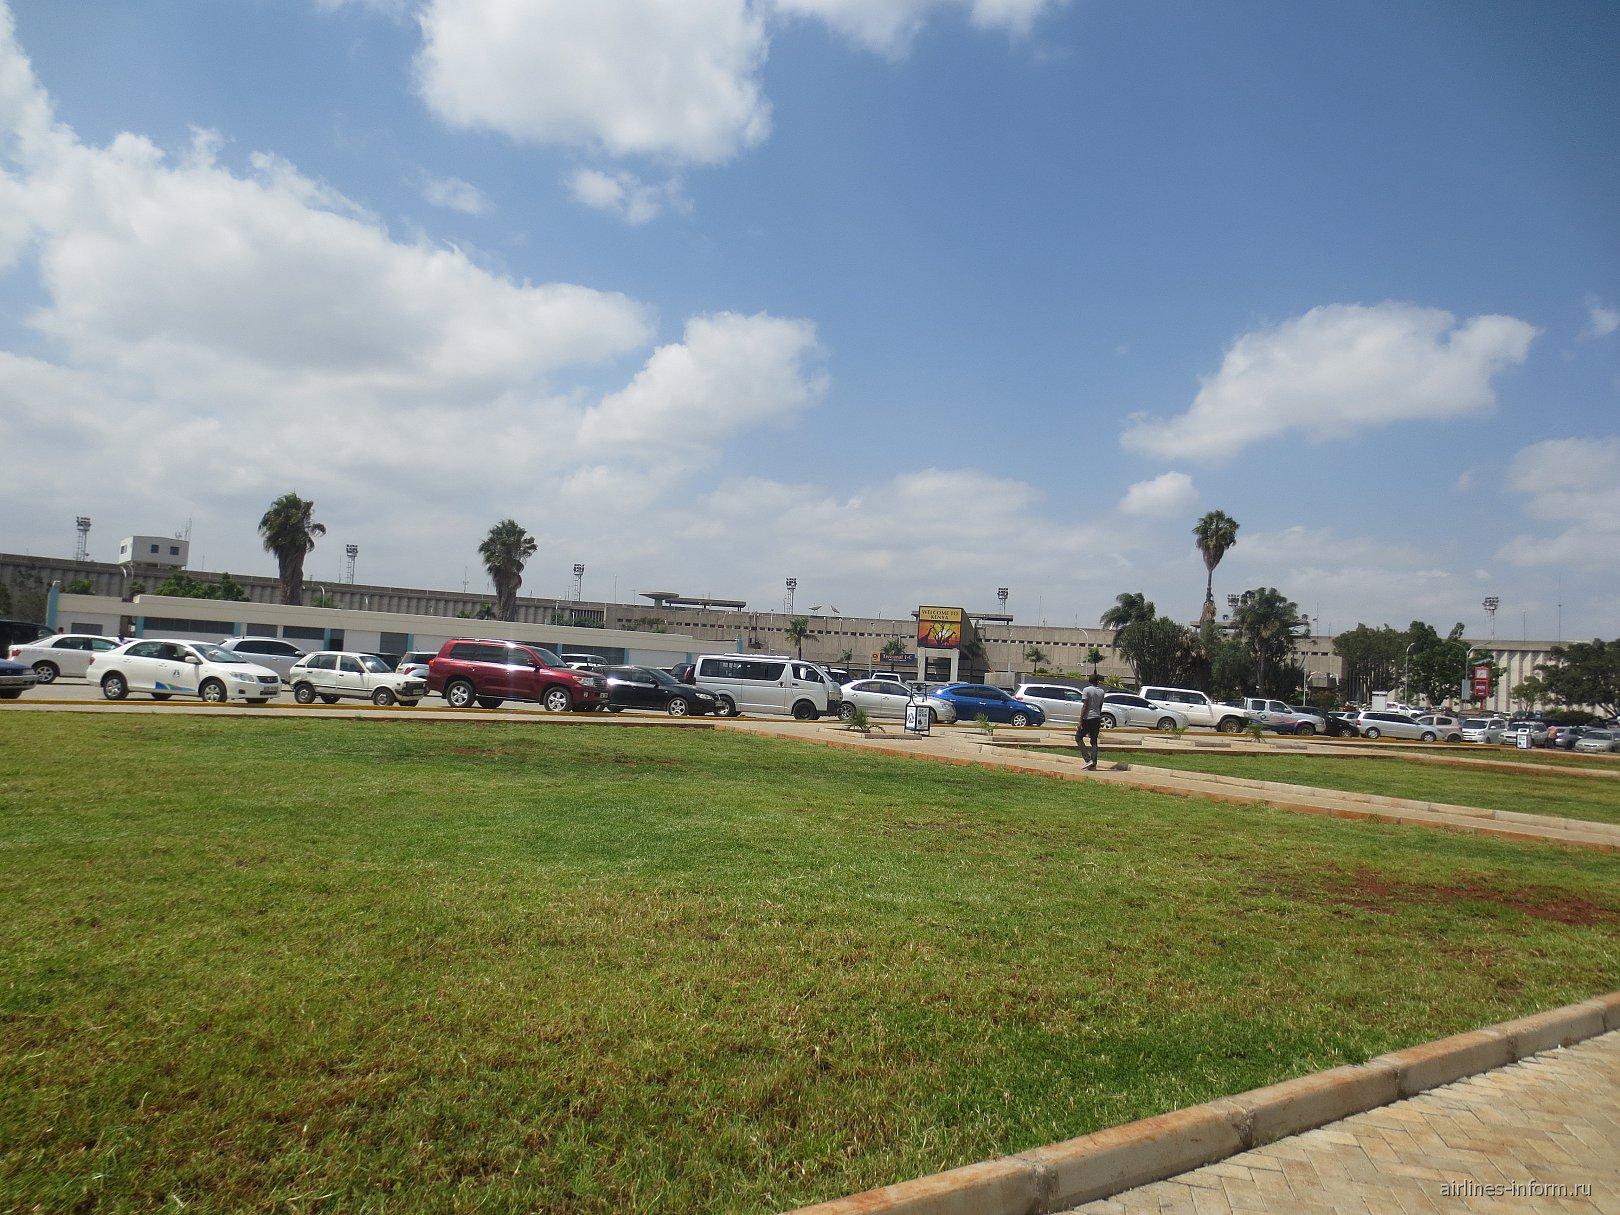 Привокзальная площадь аэропорта Найроби Джомо Кеньятта